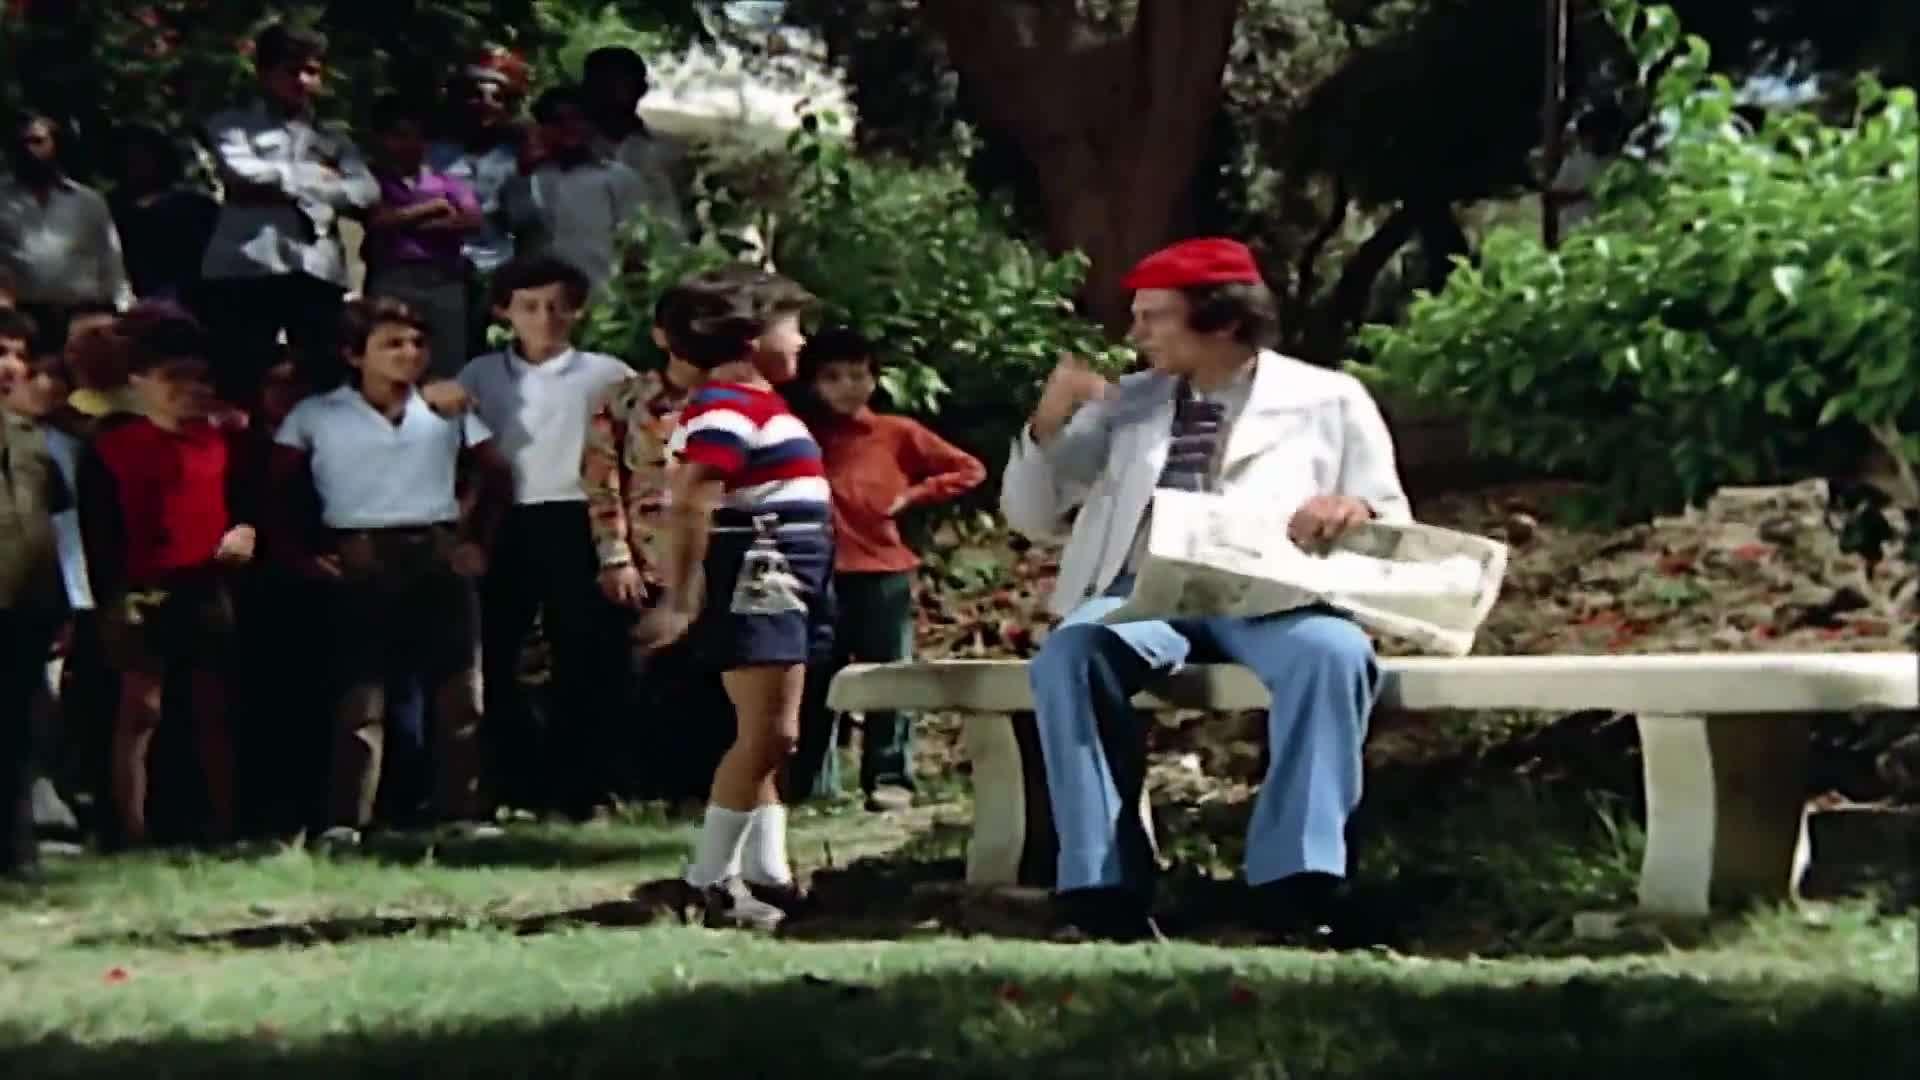 [فيلم][تورنت][تحميل][الكل عاوز يحب][1975][1080p][Web-DL] 3 arabp2p.com